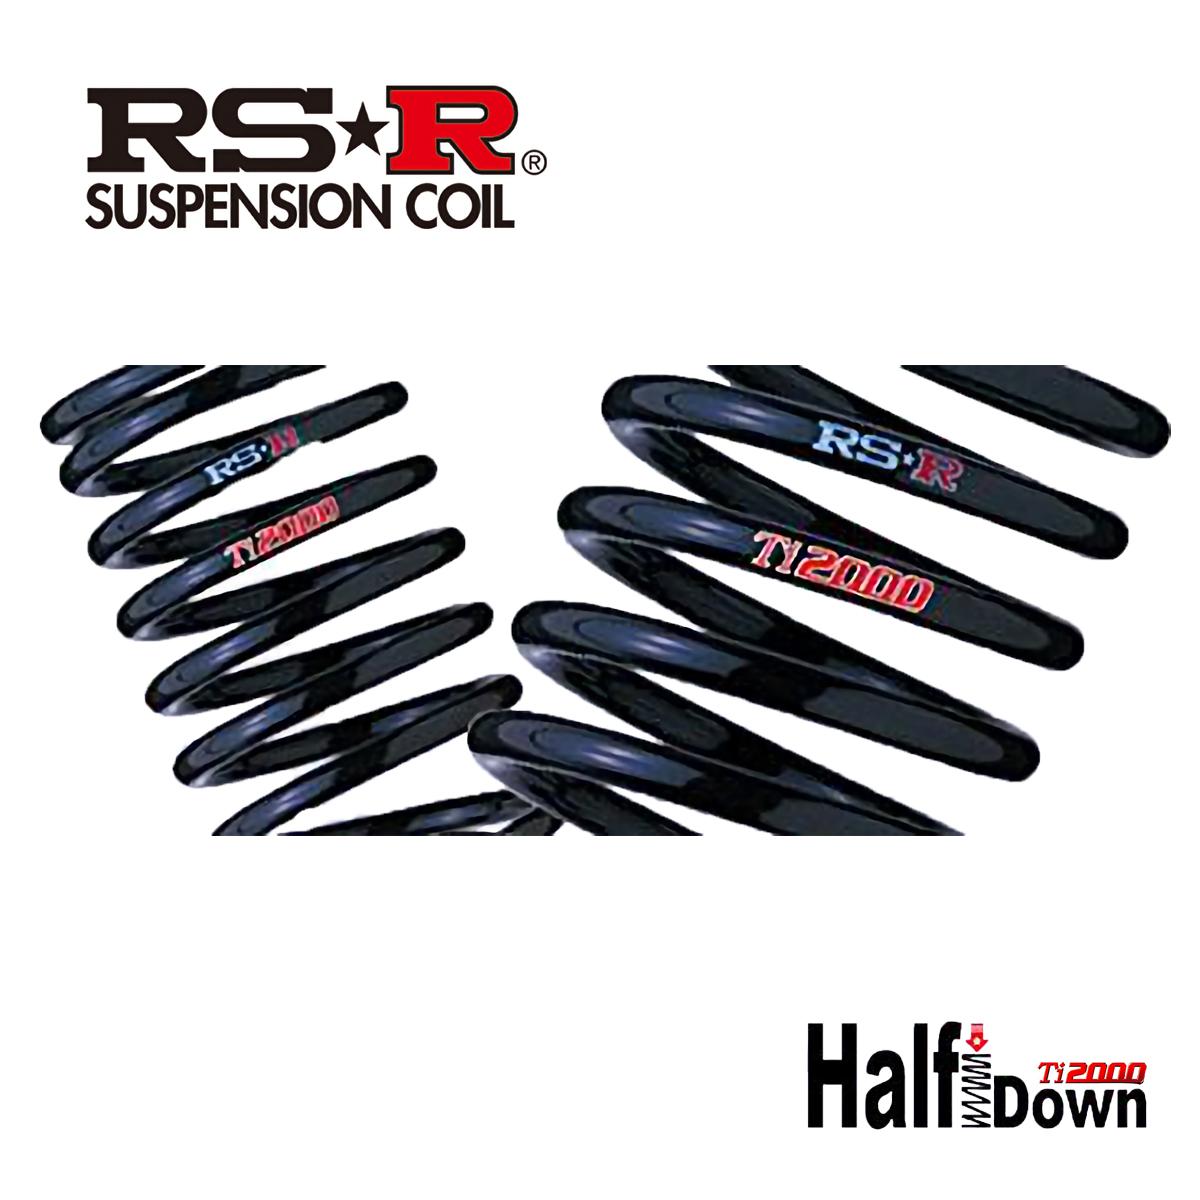 RS-R N-BOXカスタム NBOXカスタム JF4 G・Lターボホンダセンシング ダウンサス スプリング フロント H426THDF Ti2000 ハーフダウン RSR 個人宅発送追金有